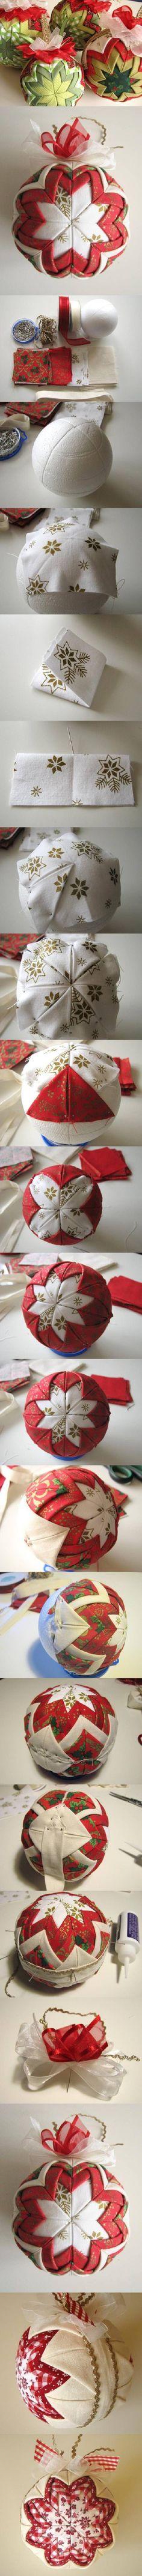 10 idei pentru a confectiona ornamentele pomului de Craciun Sarbatoarea Craciunului este cea mai frumoasa si cea mai asteptata! Daruim, primim, ne bucuram, stam cu familia! Vedem idei pentru ornamentele pomului aici: http://ideipentrucasa.ro/10-idei-pentru-a-confectiona-ornamentele-pomului-de-craciun/